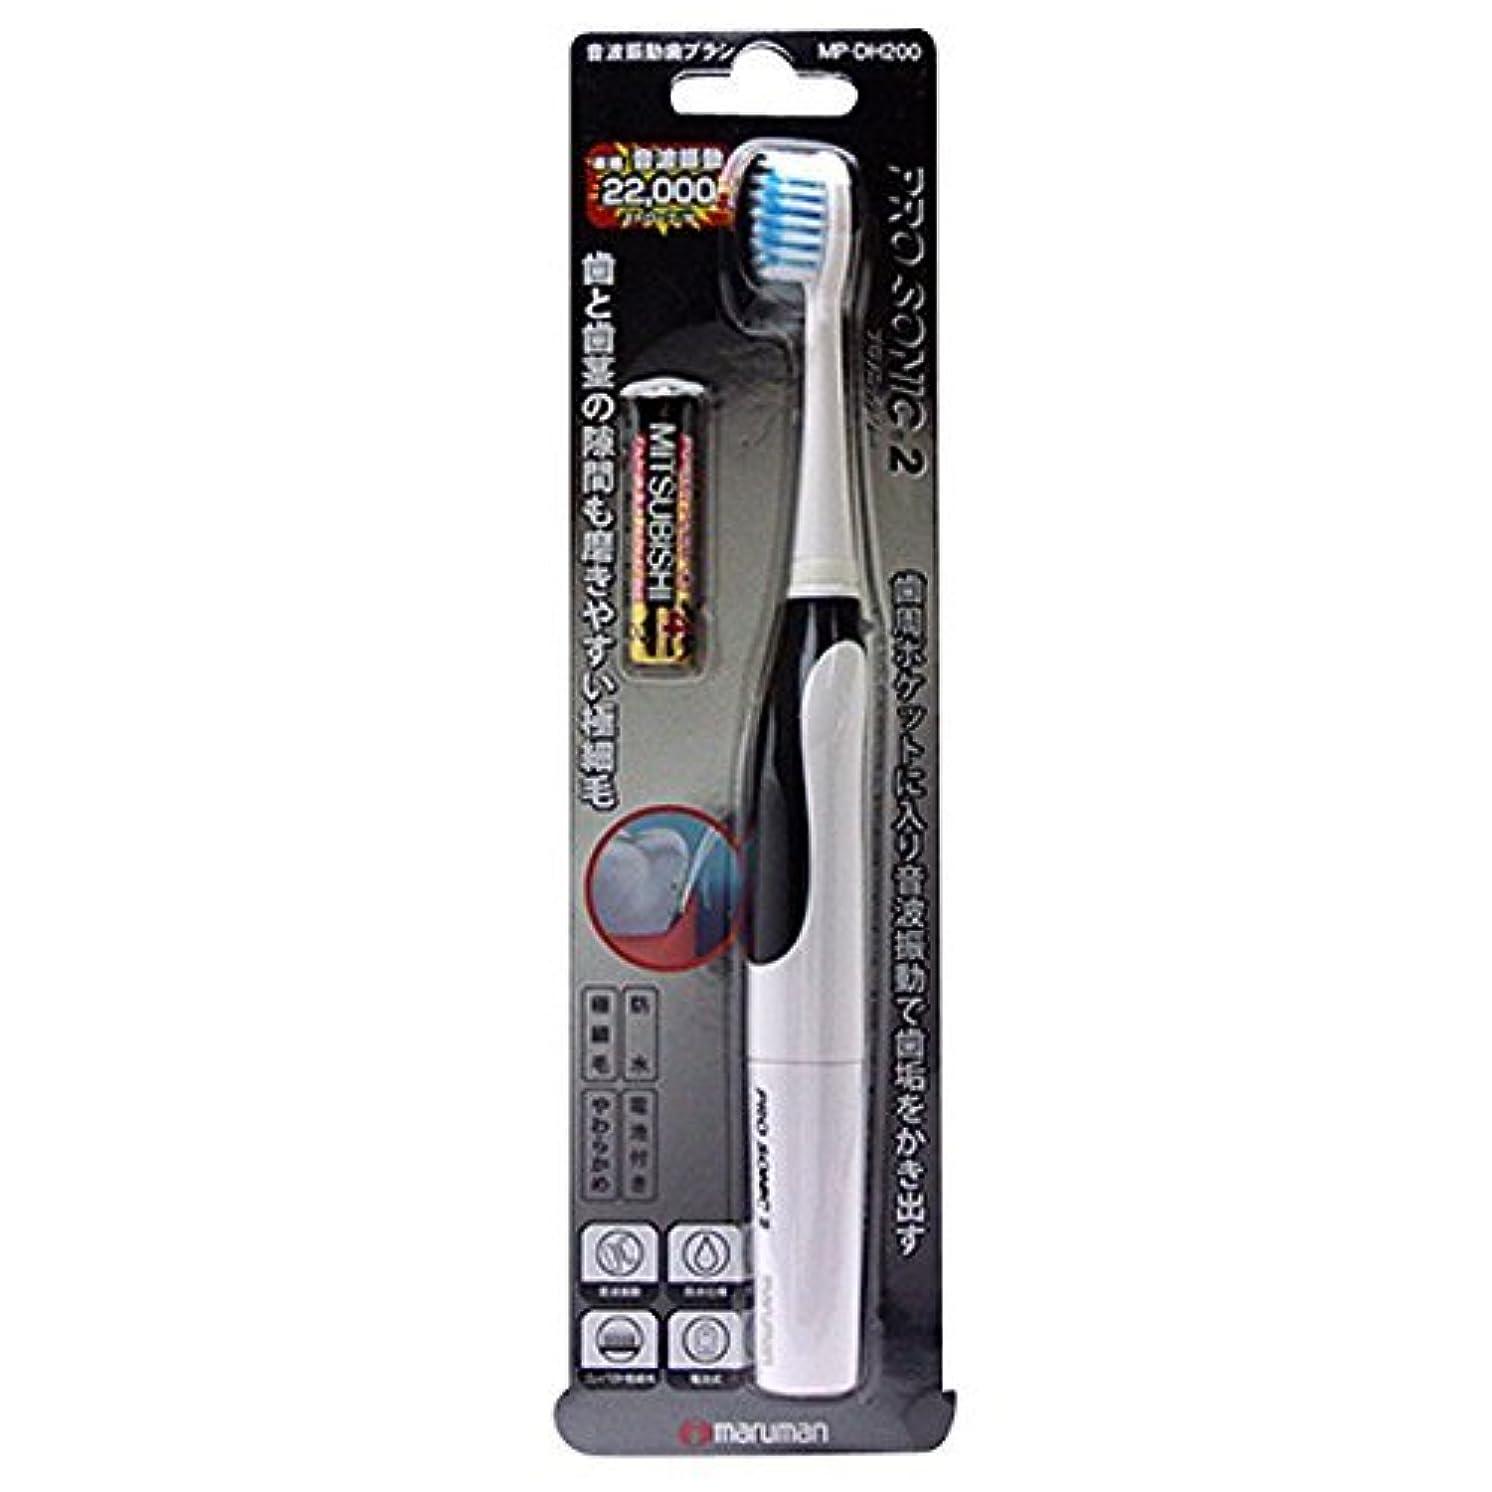 絶滅の前でミリメーター音波振動歯ブラシ PROSONIC2(プロソニック ツー) MP-DH200BK ブラック